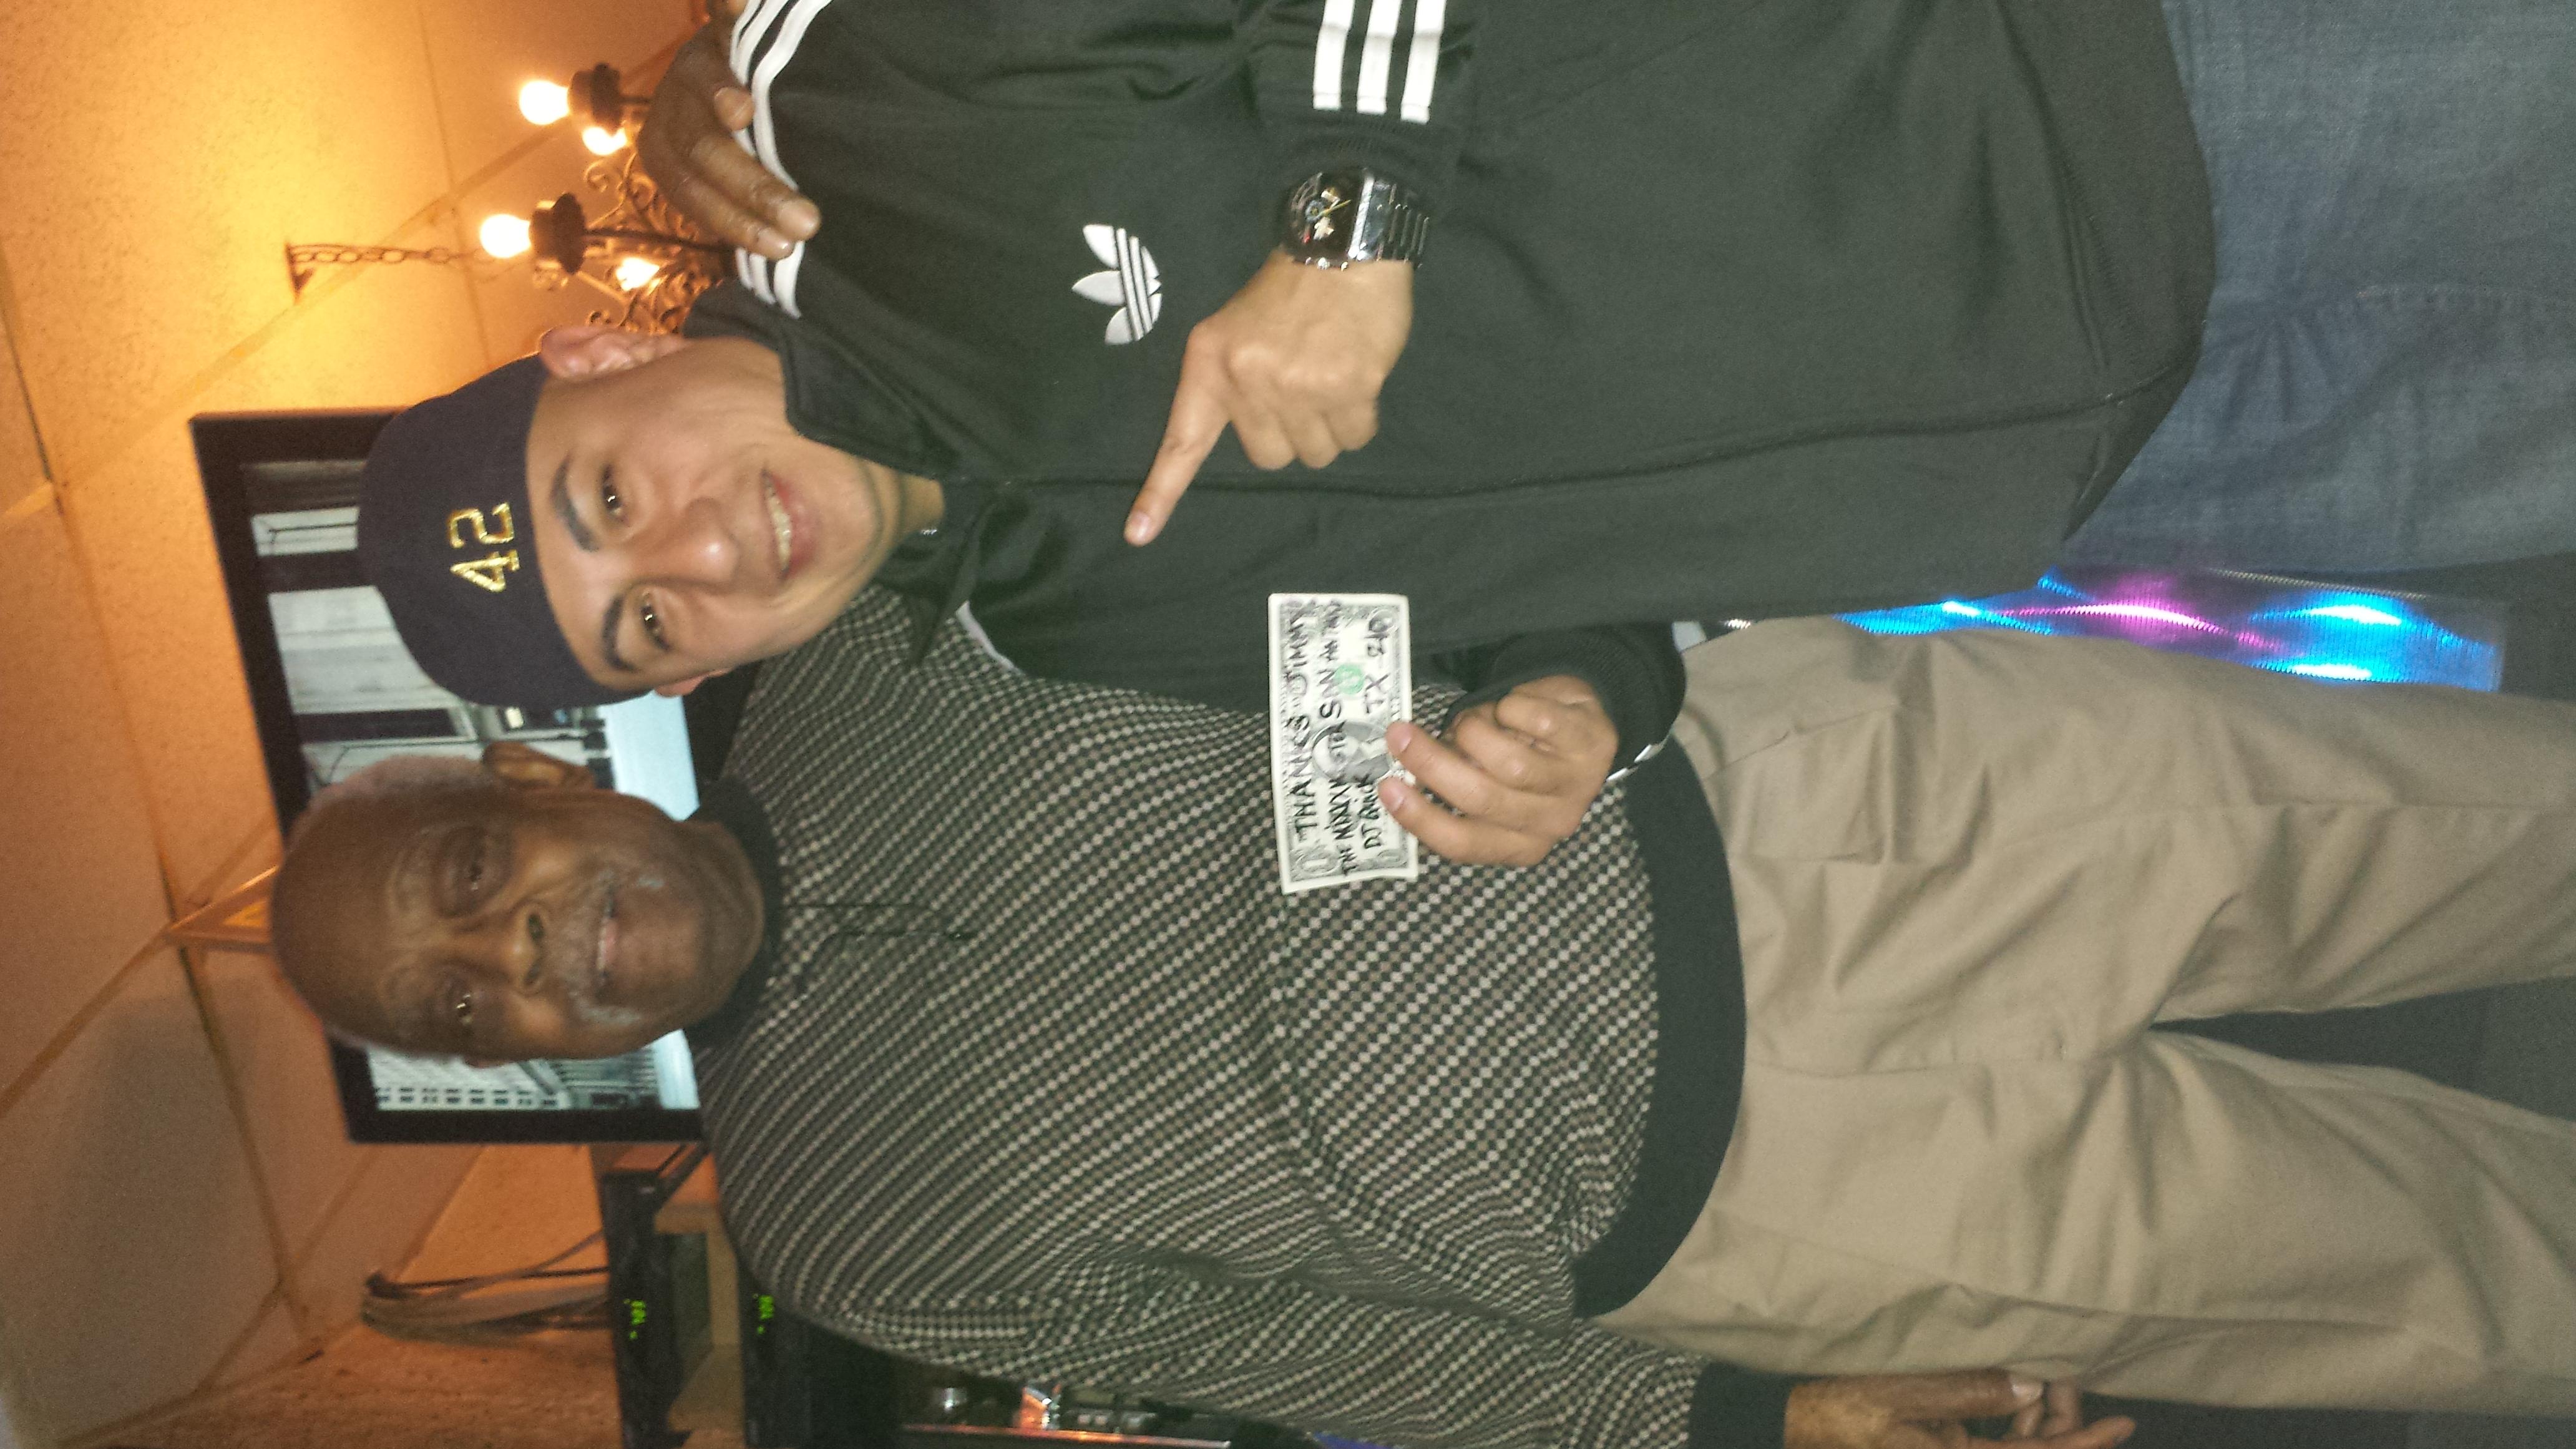 Muhammad Ali's Trainer Jimmy Glenn & DJ Quick